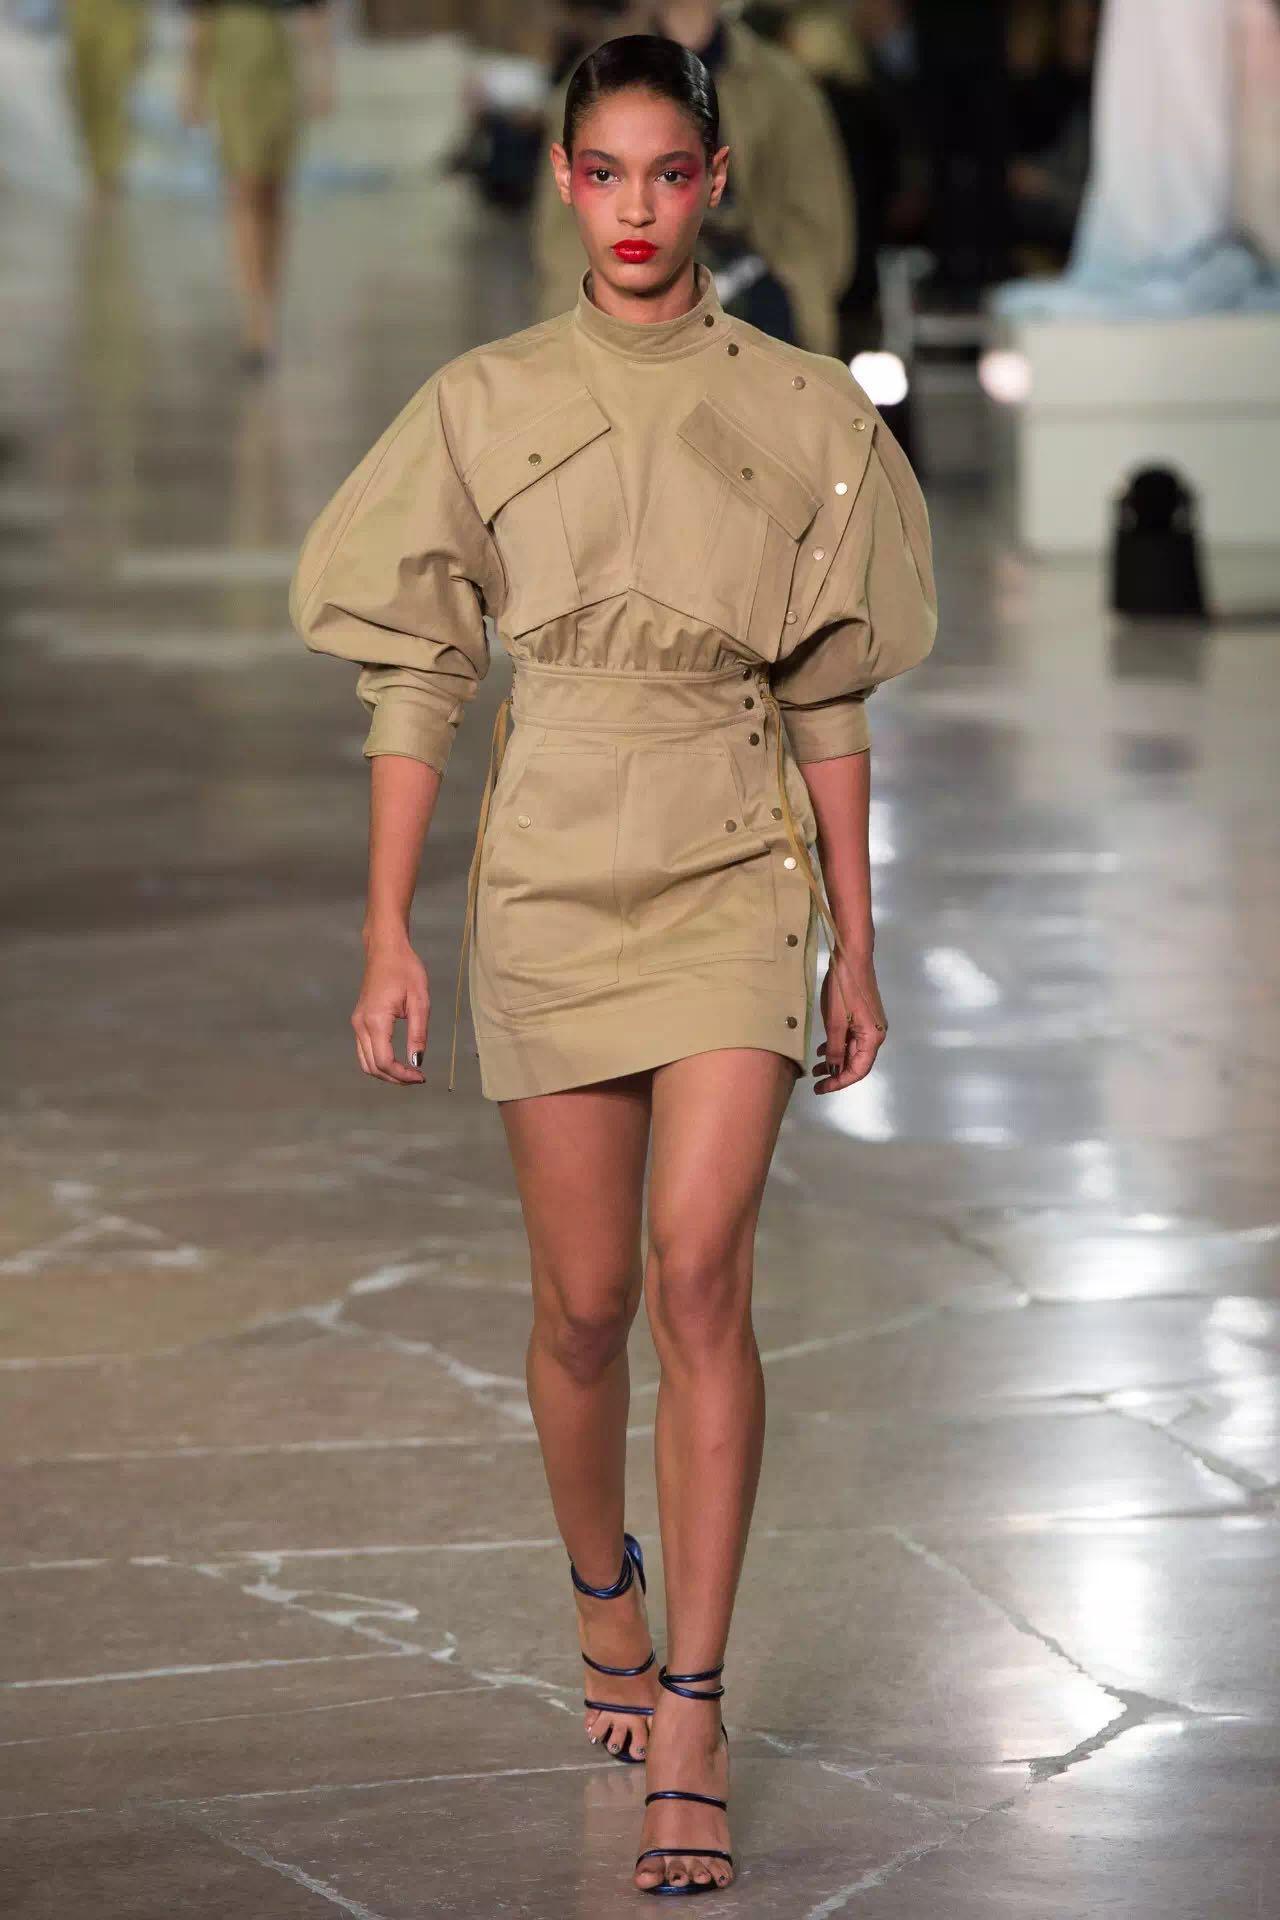 巴黎时装周上的新潮流是这些!为时尚先锋指点一二(图8)